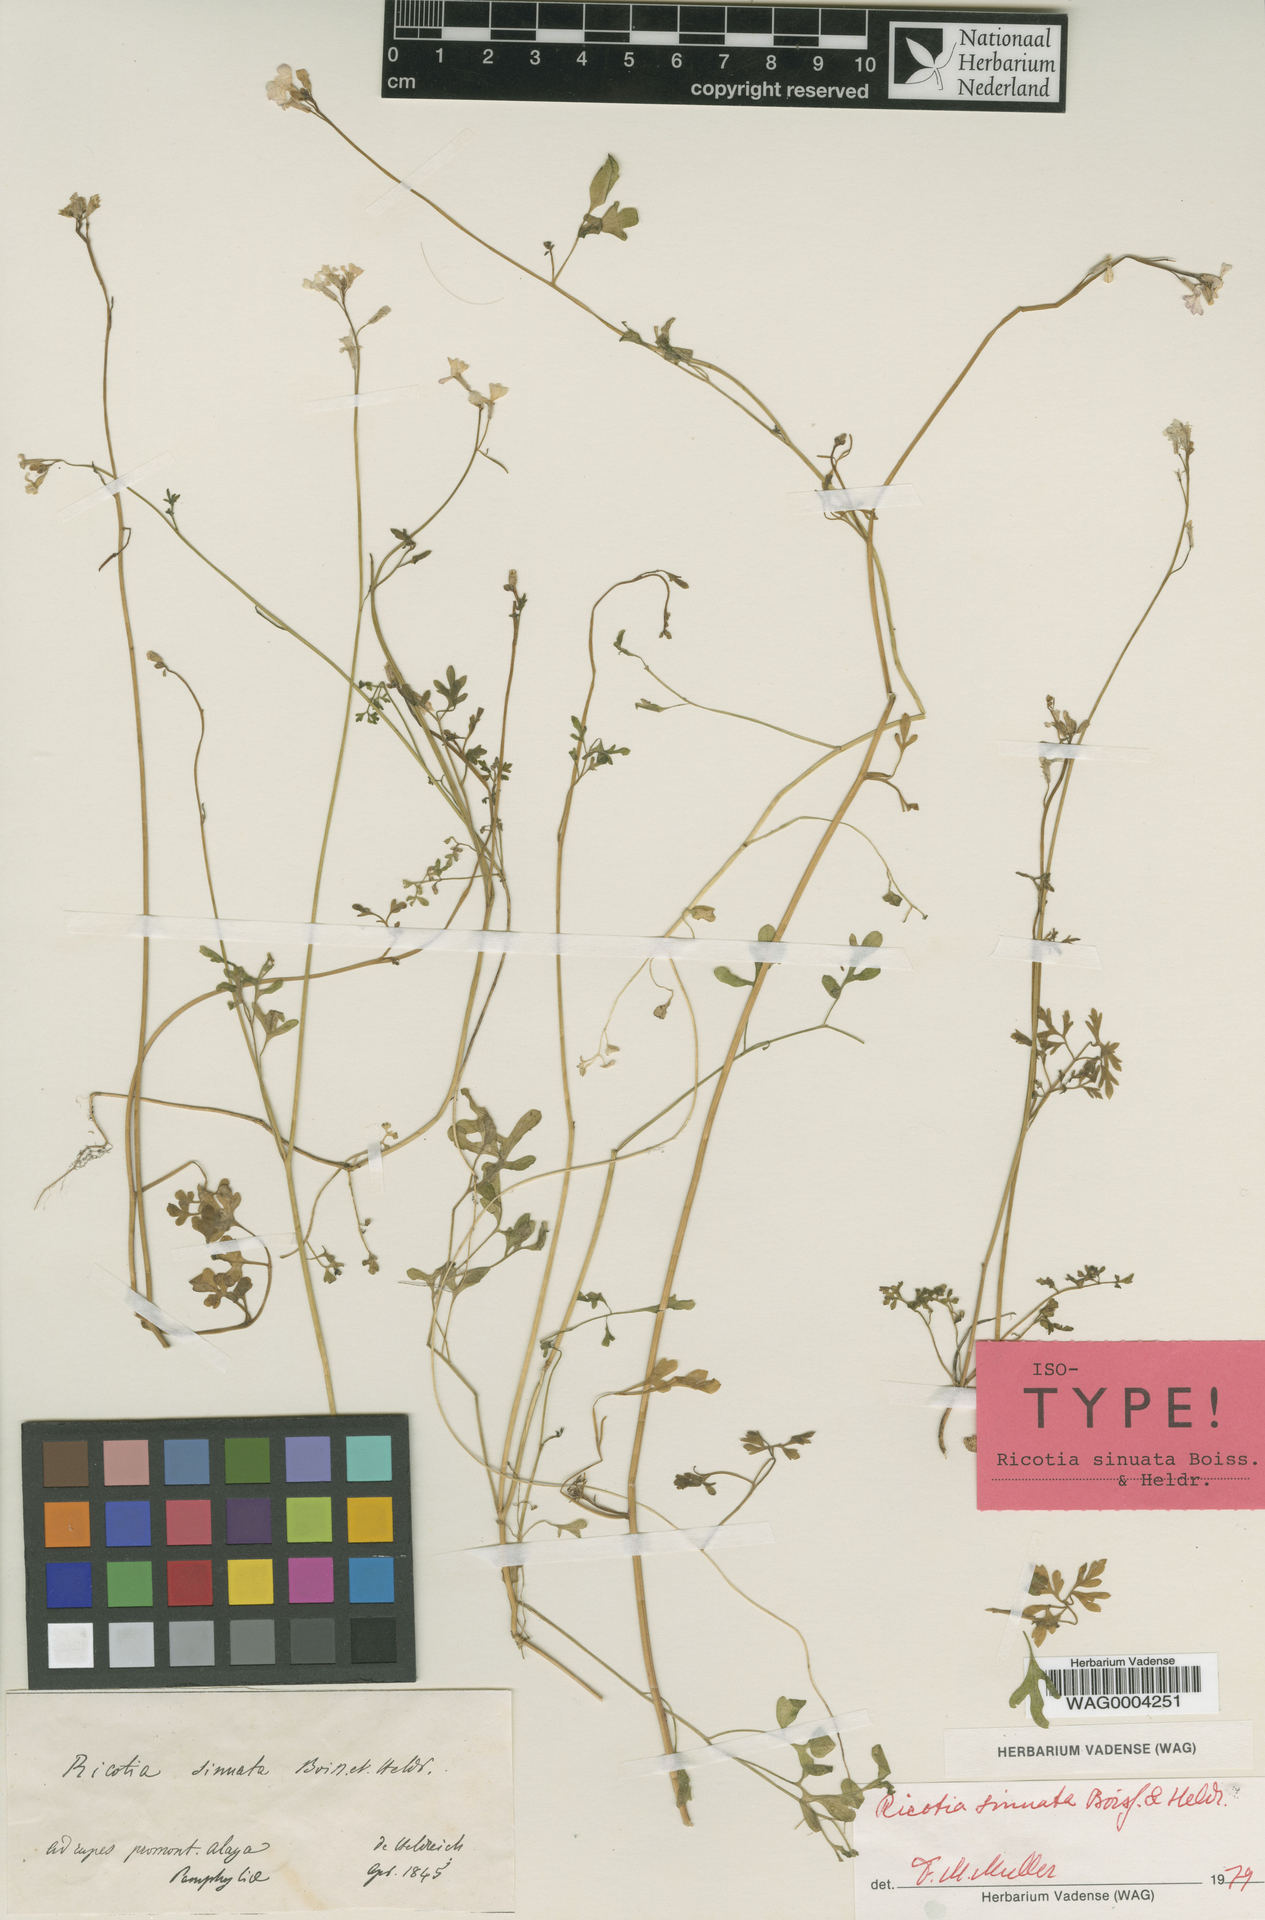 WAG0004251   Ricotia sinuata Boiss. & Heldr.